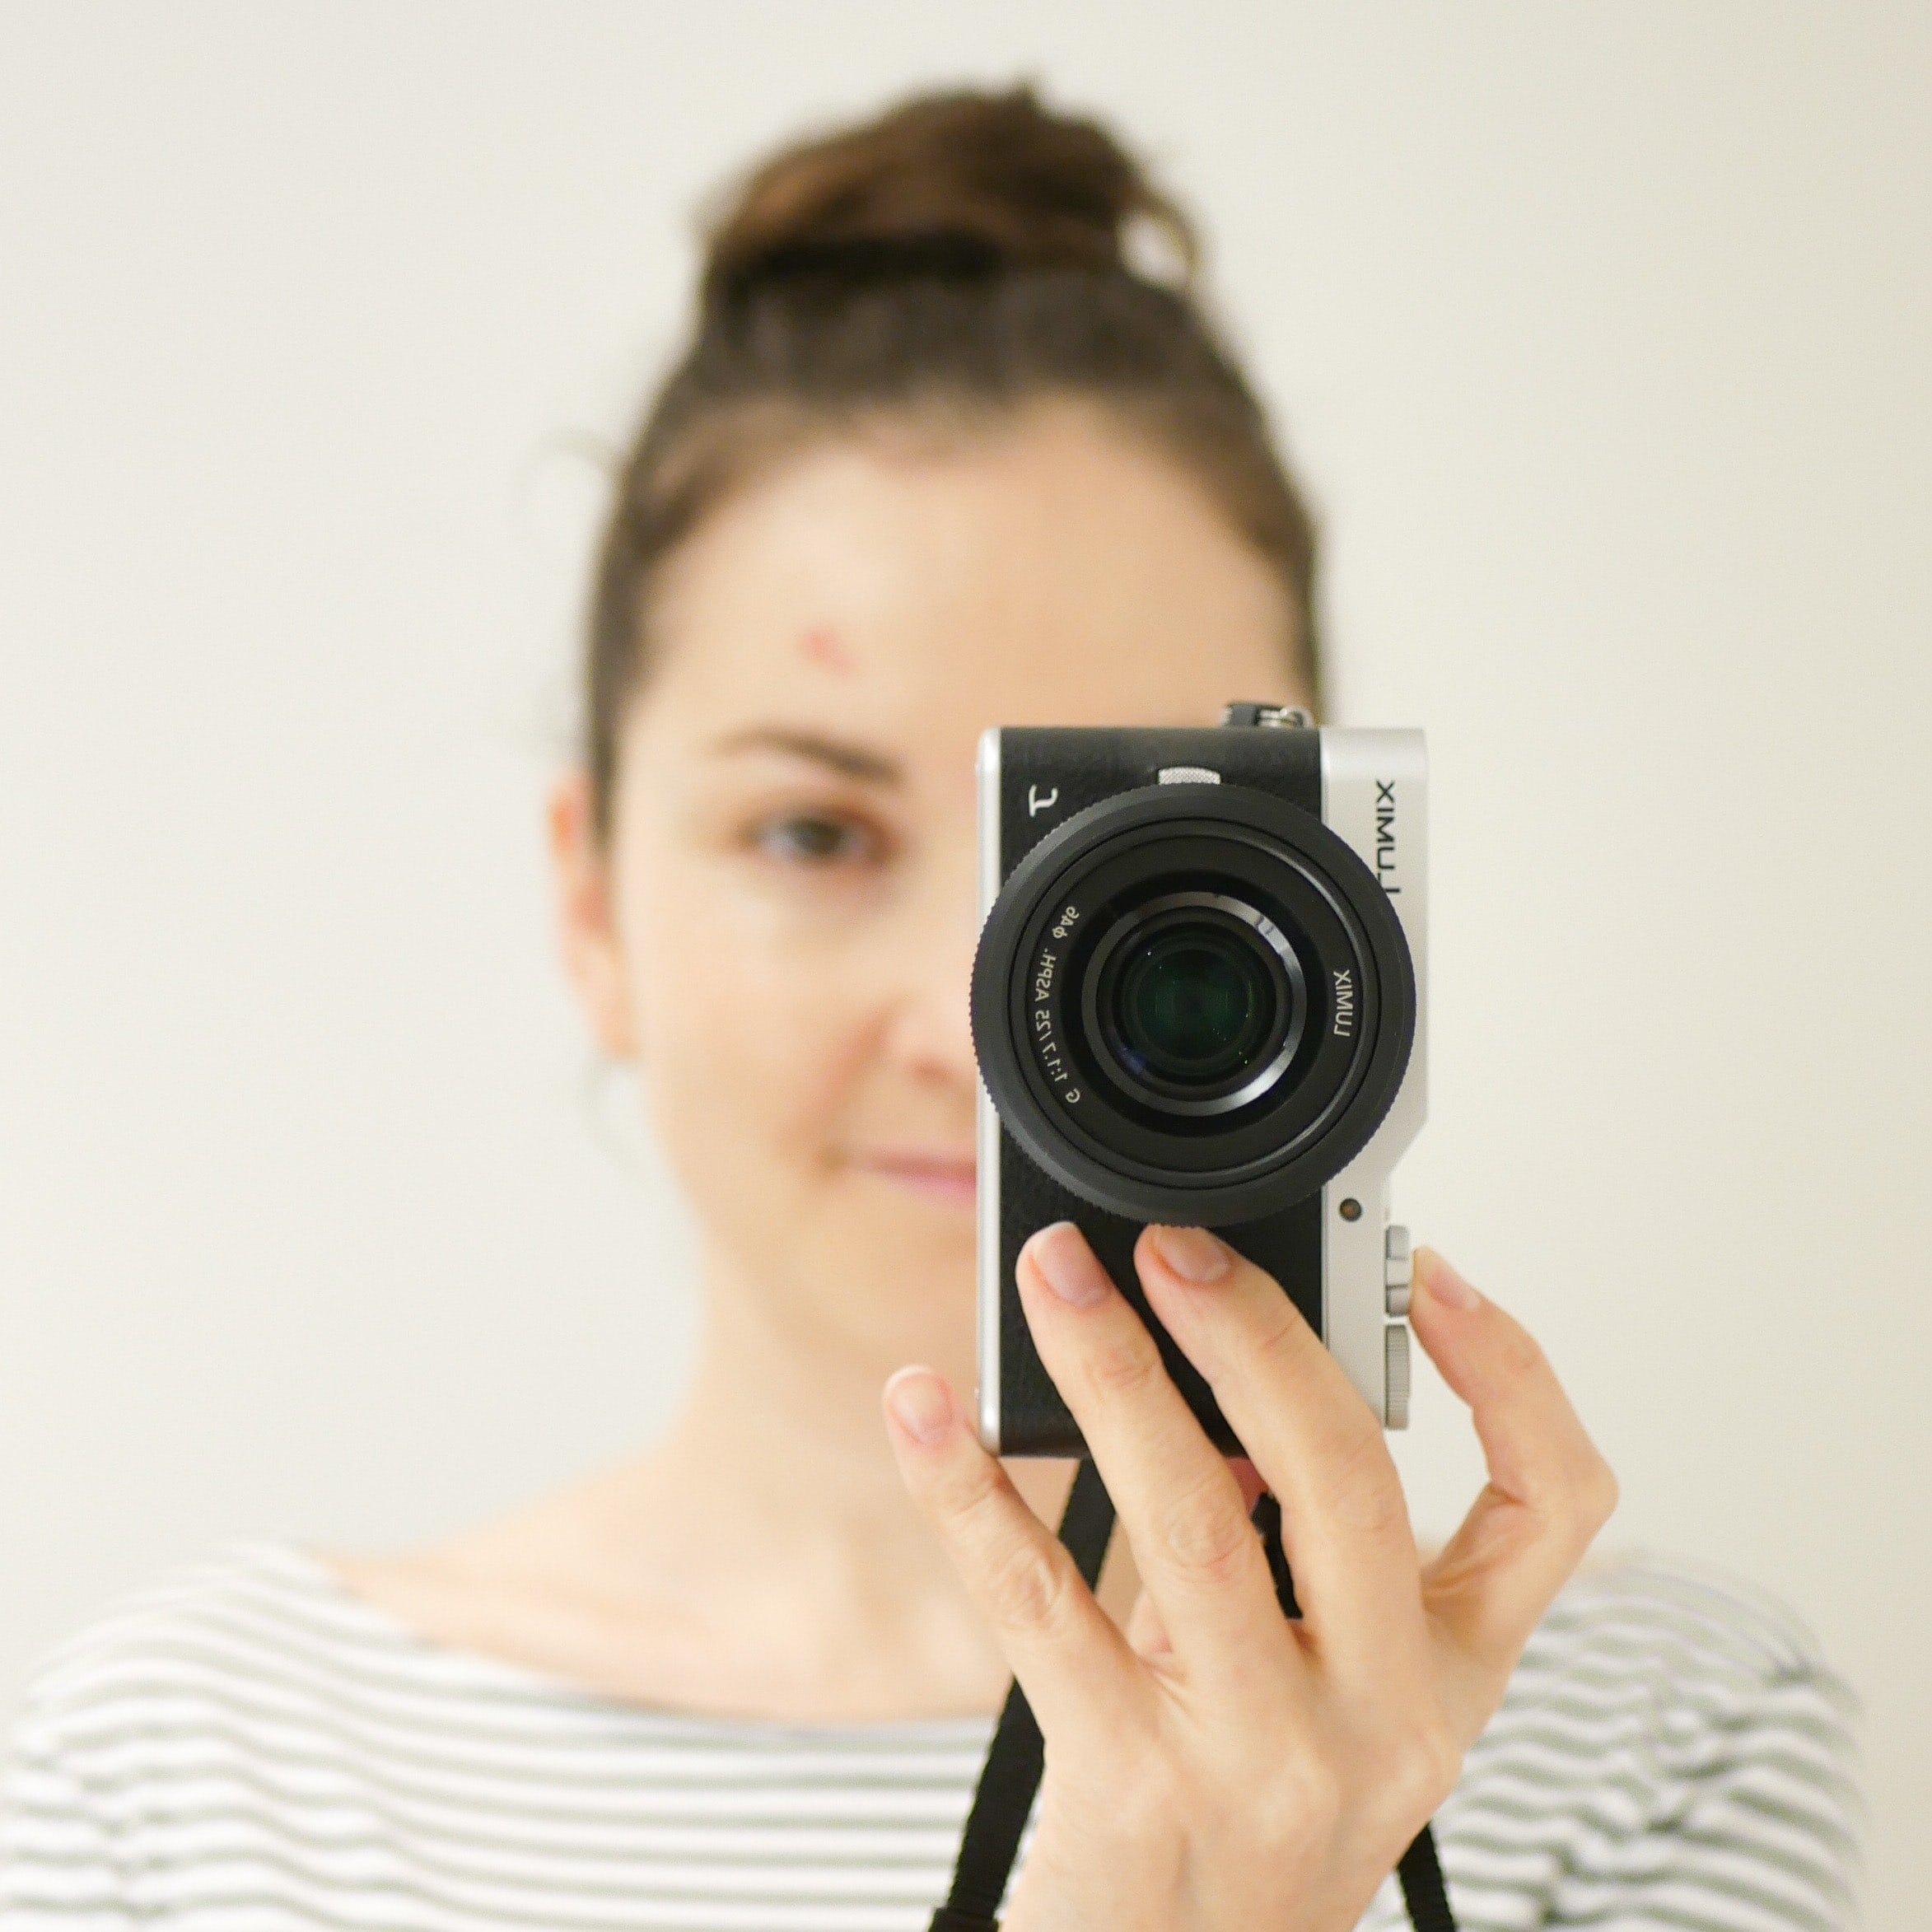 Go to Lauza Loistl's profile